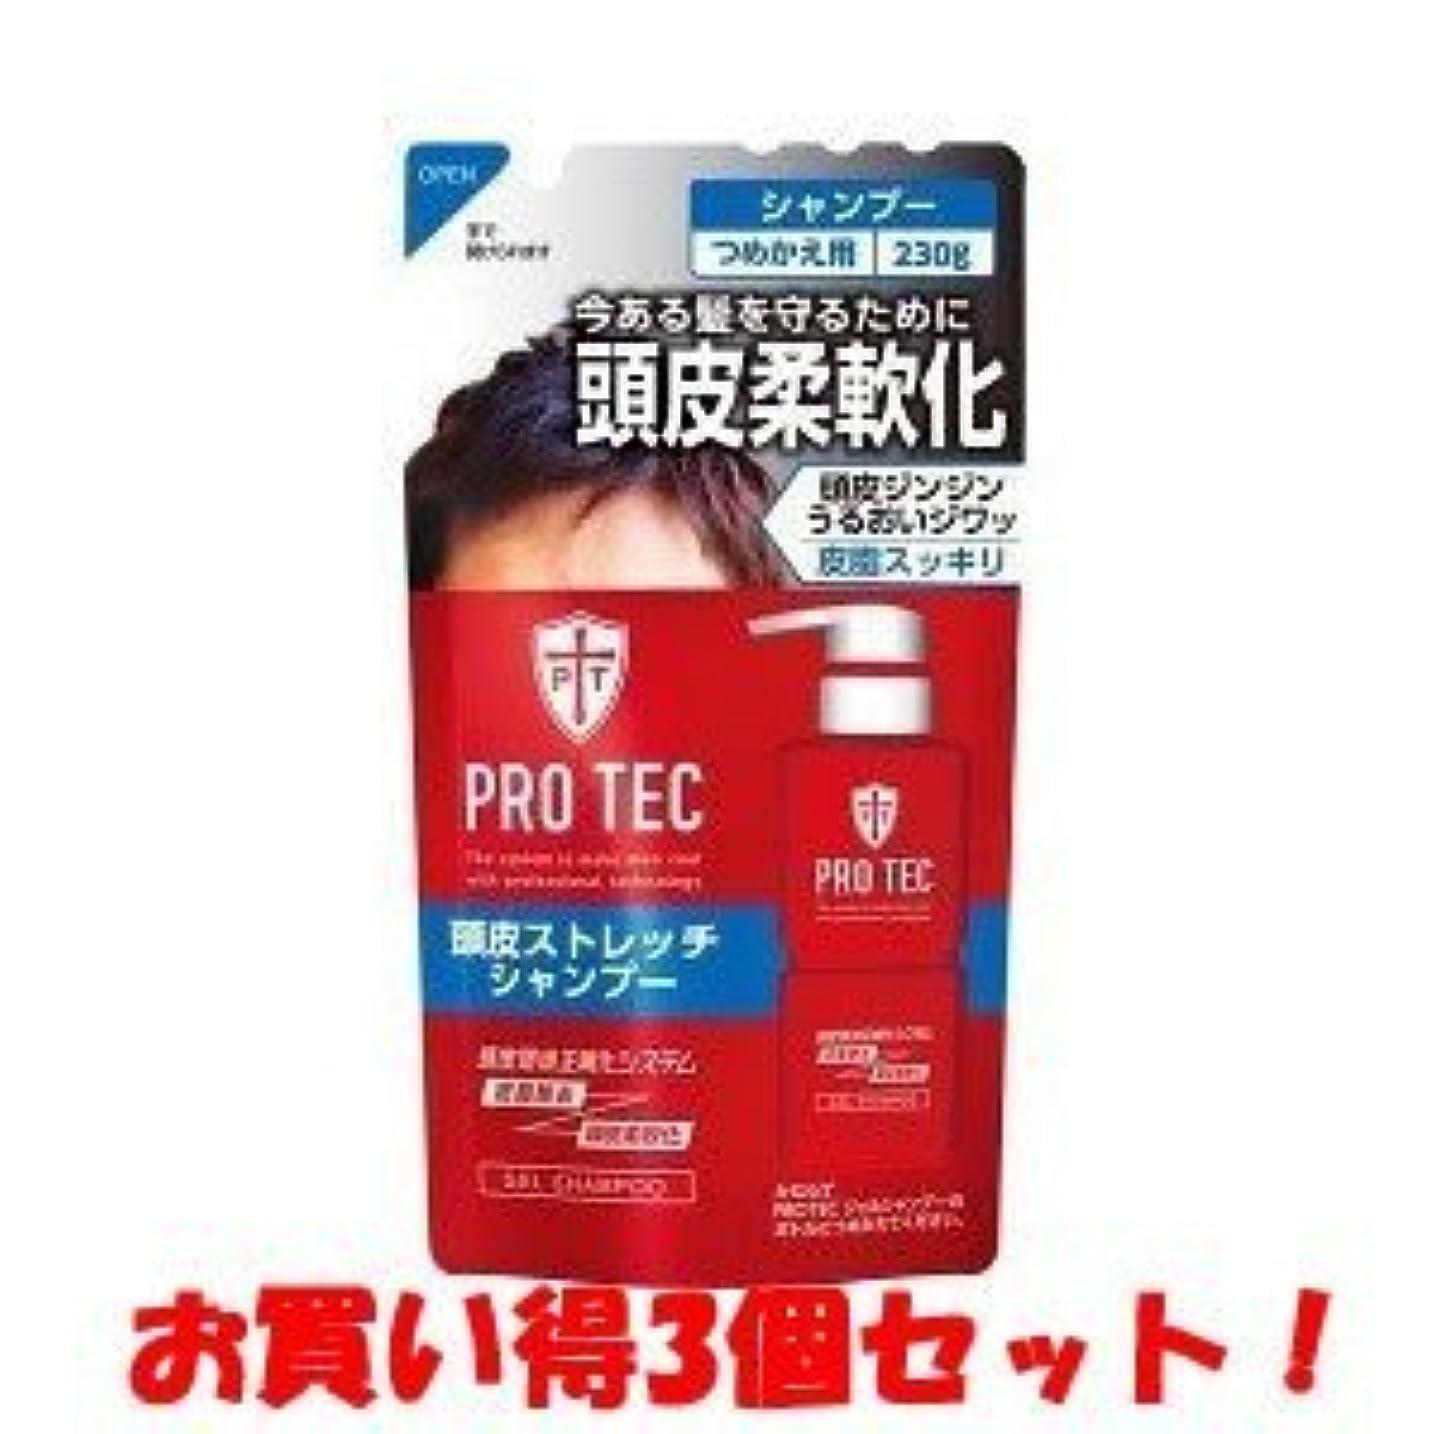 ラフ地震変わる(ライオン)PRO TEC(プロテク) 頭皮ストレッチ シャンプー つめかえ用 230g(医薬部外品)(お買い得3個セット)